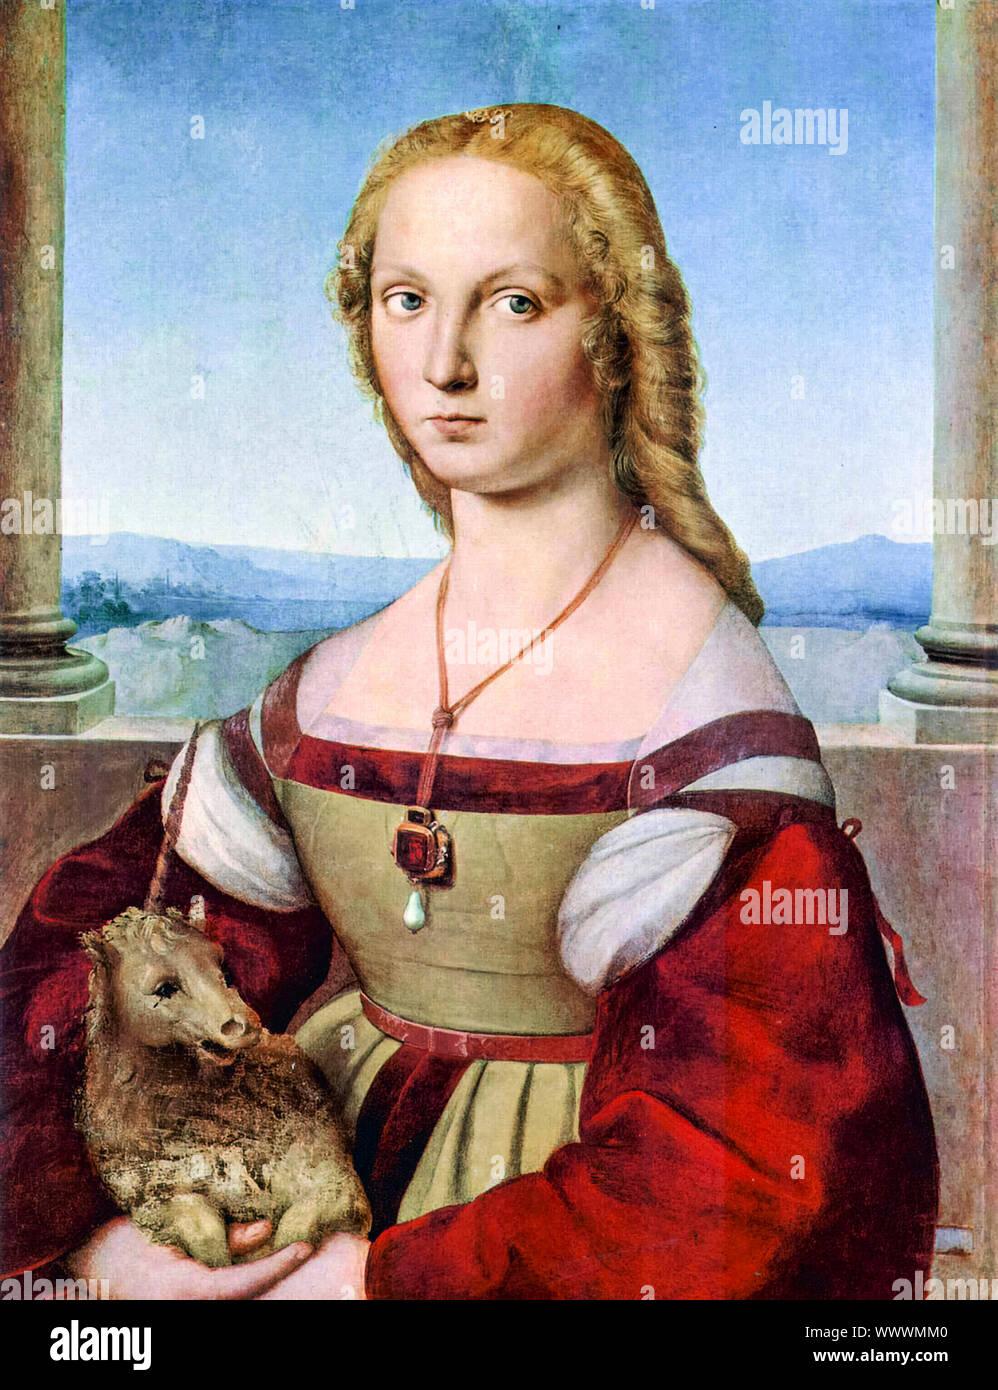 Raphaël, jeune femme avec une licorne, peinture, 1505-1506 Banque D'Images